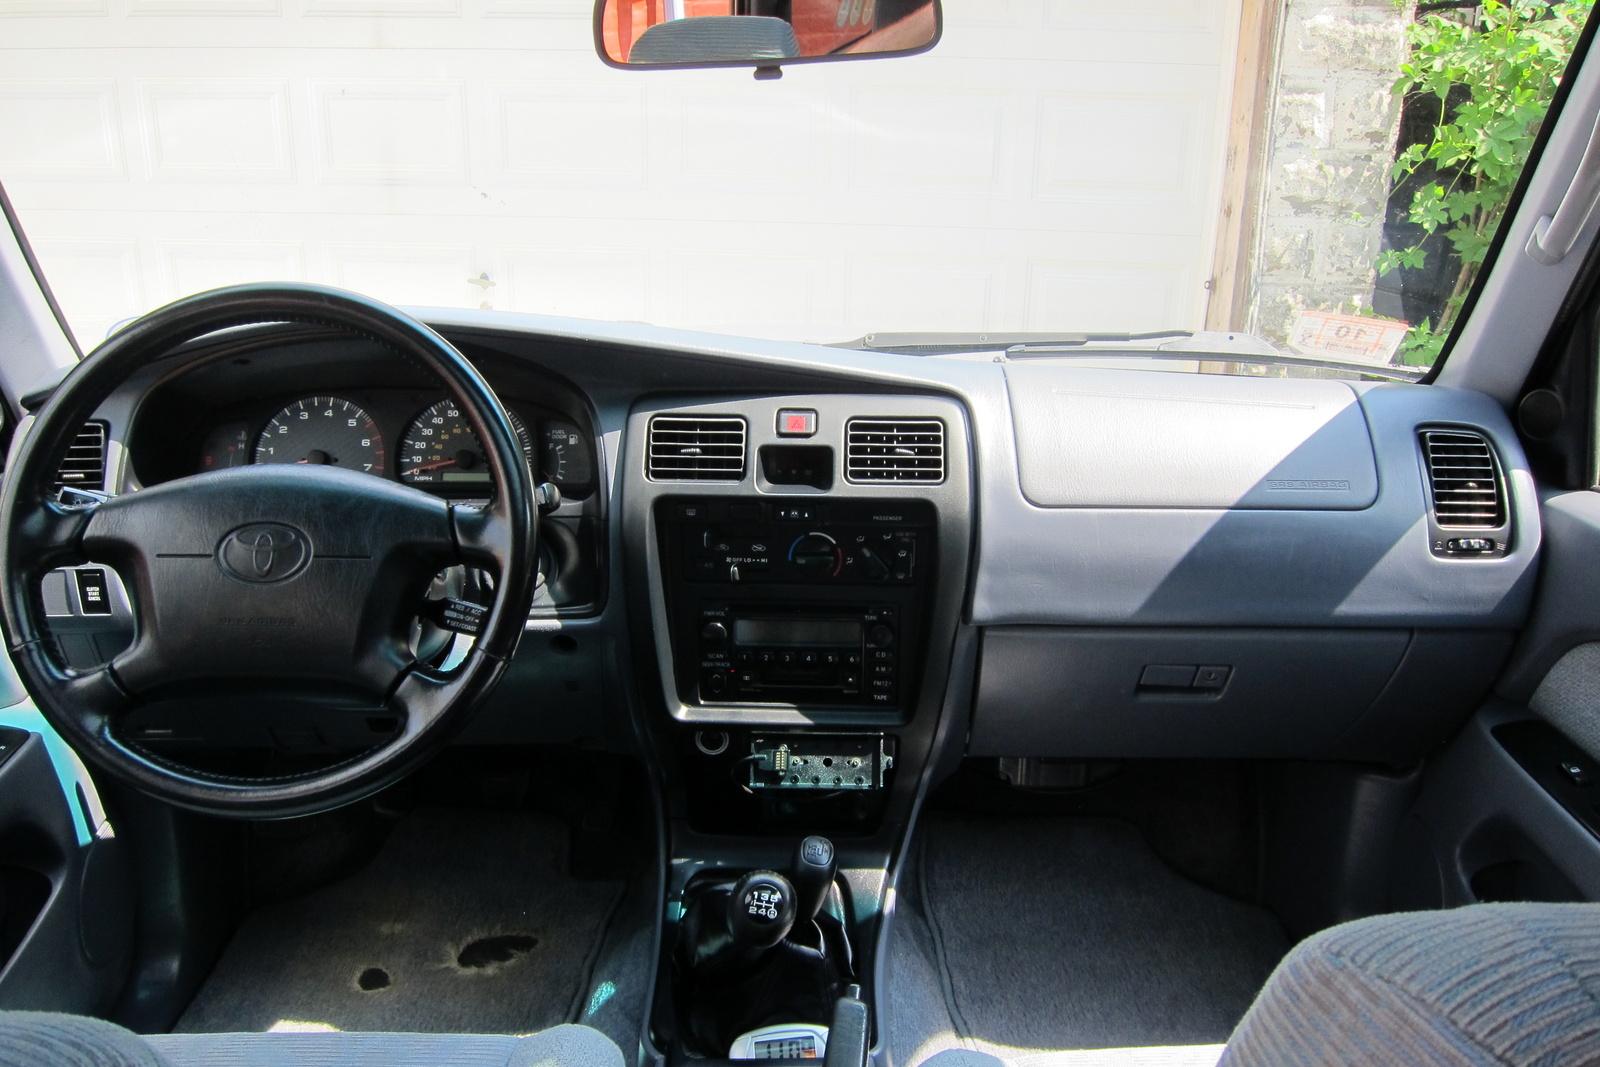 2000 Toyota 4runner Interior Pictures Cargurus